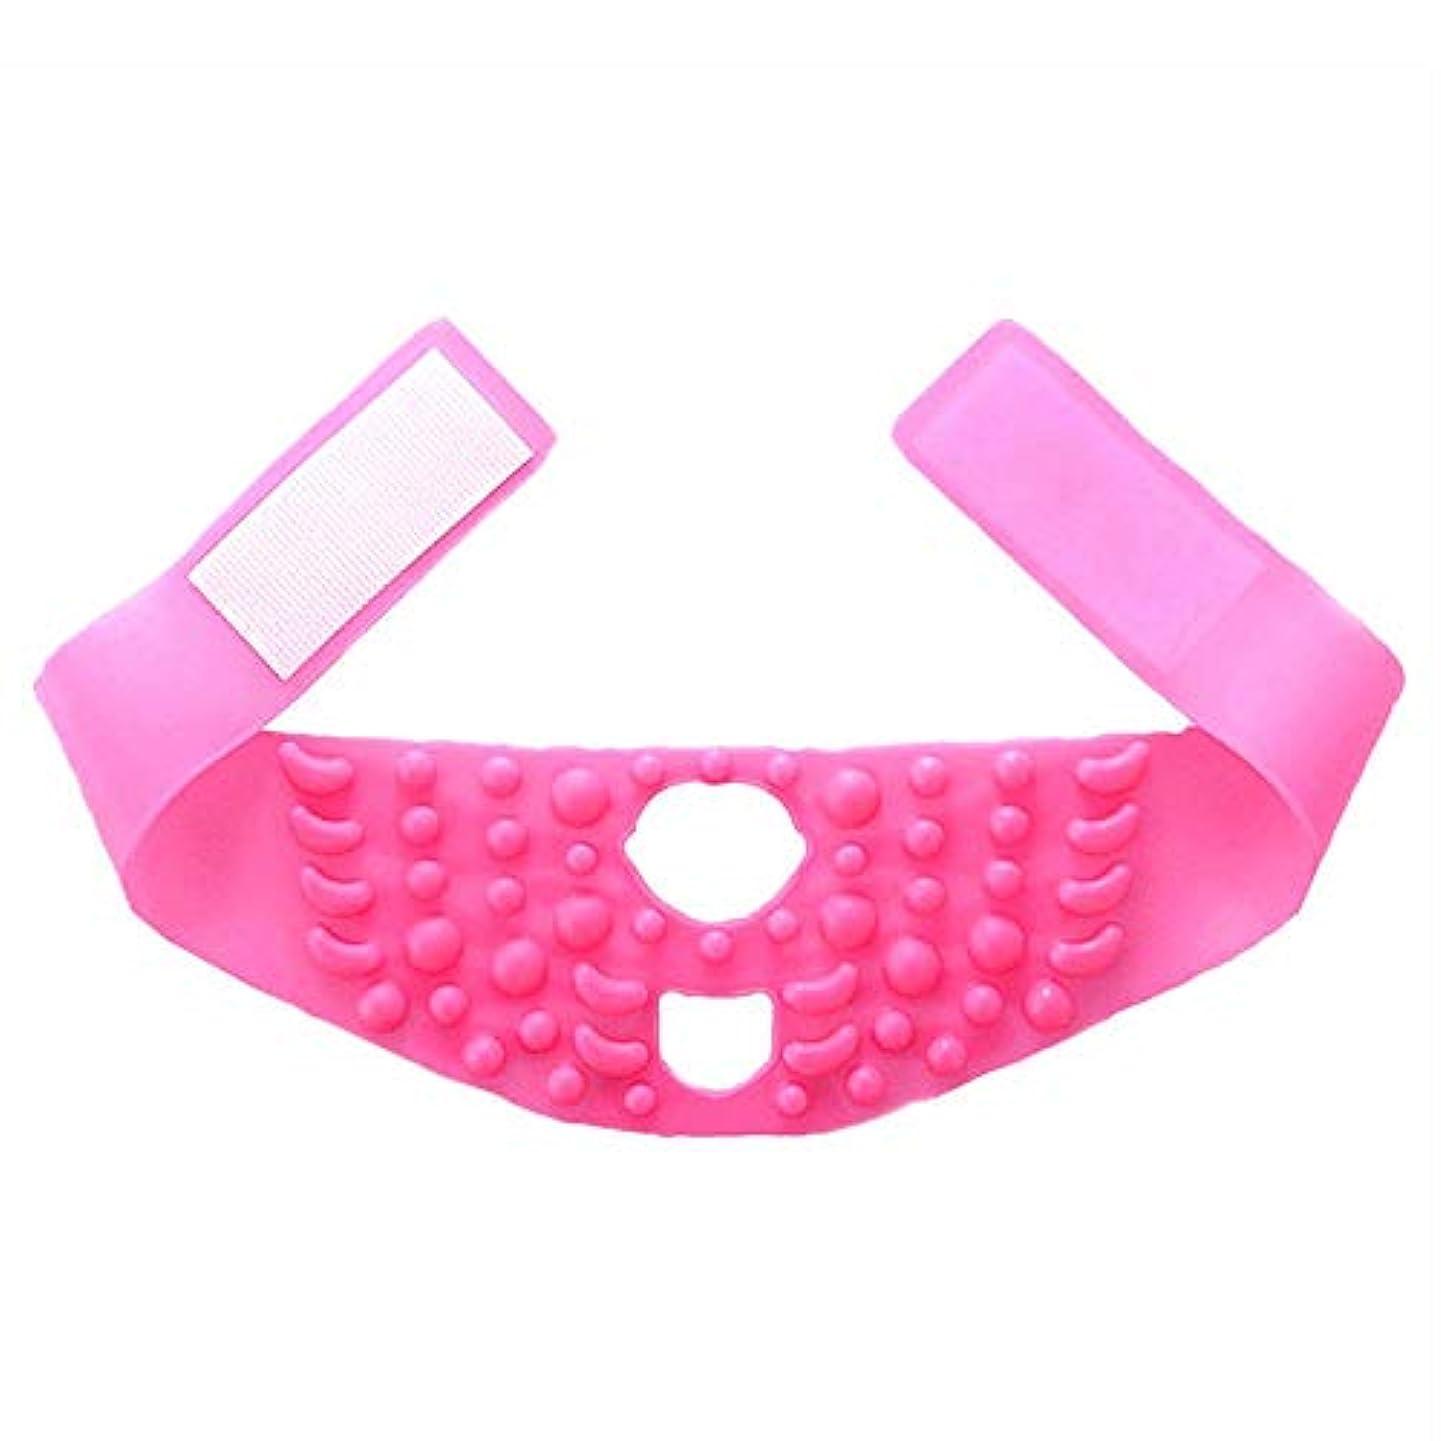 カヌー西噂Jia Jia- シンフェイスマスクシリコーンマッサージ引き締まった形の小さなVフェイスリフティングに薄いフェイスアーティファクト包帯を飾る - ピンク 顔面包帯